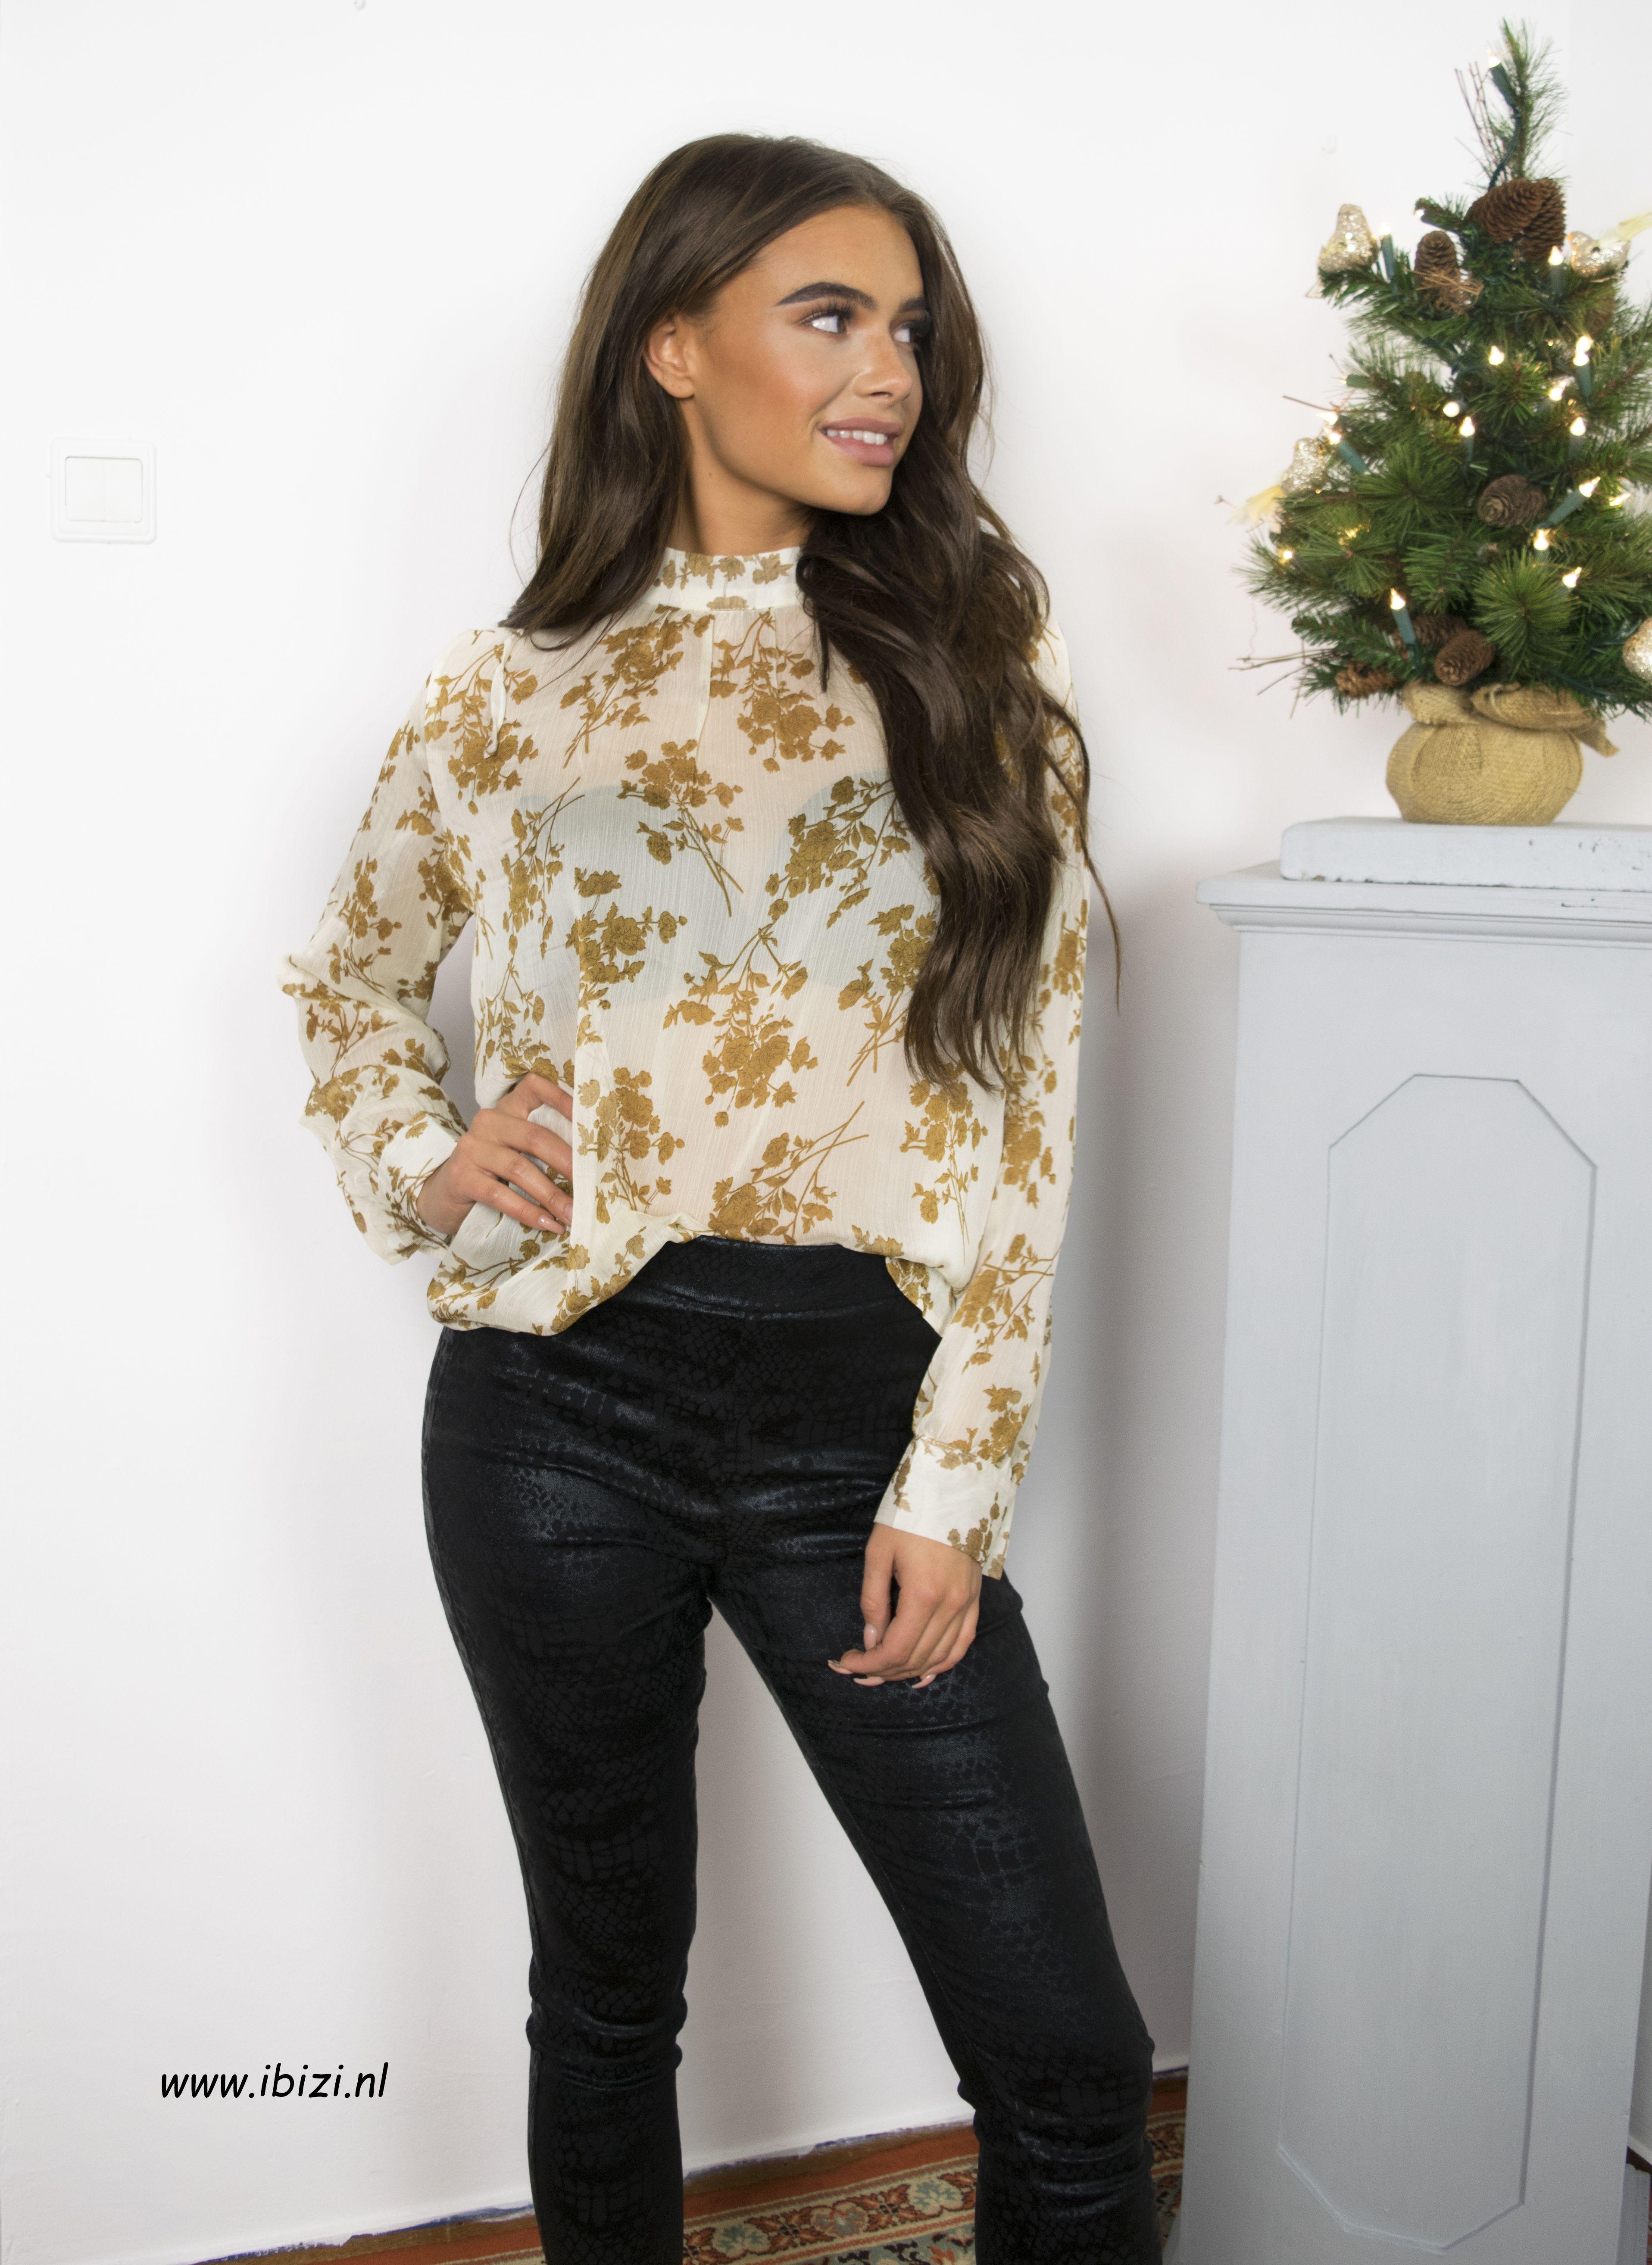 gloednieuw promotie officiële foto's Deze mooie dames blouse met print is leuk op een zwarte ...